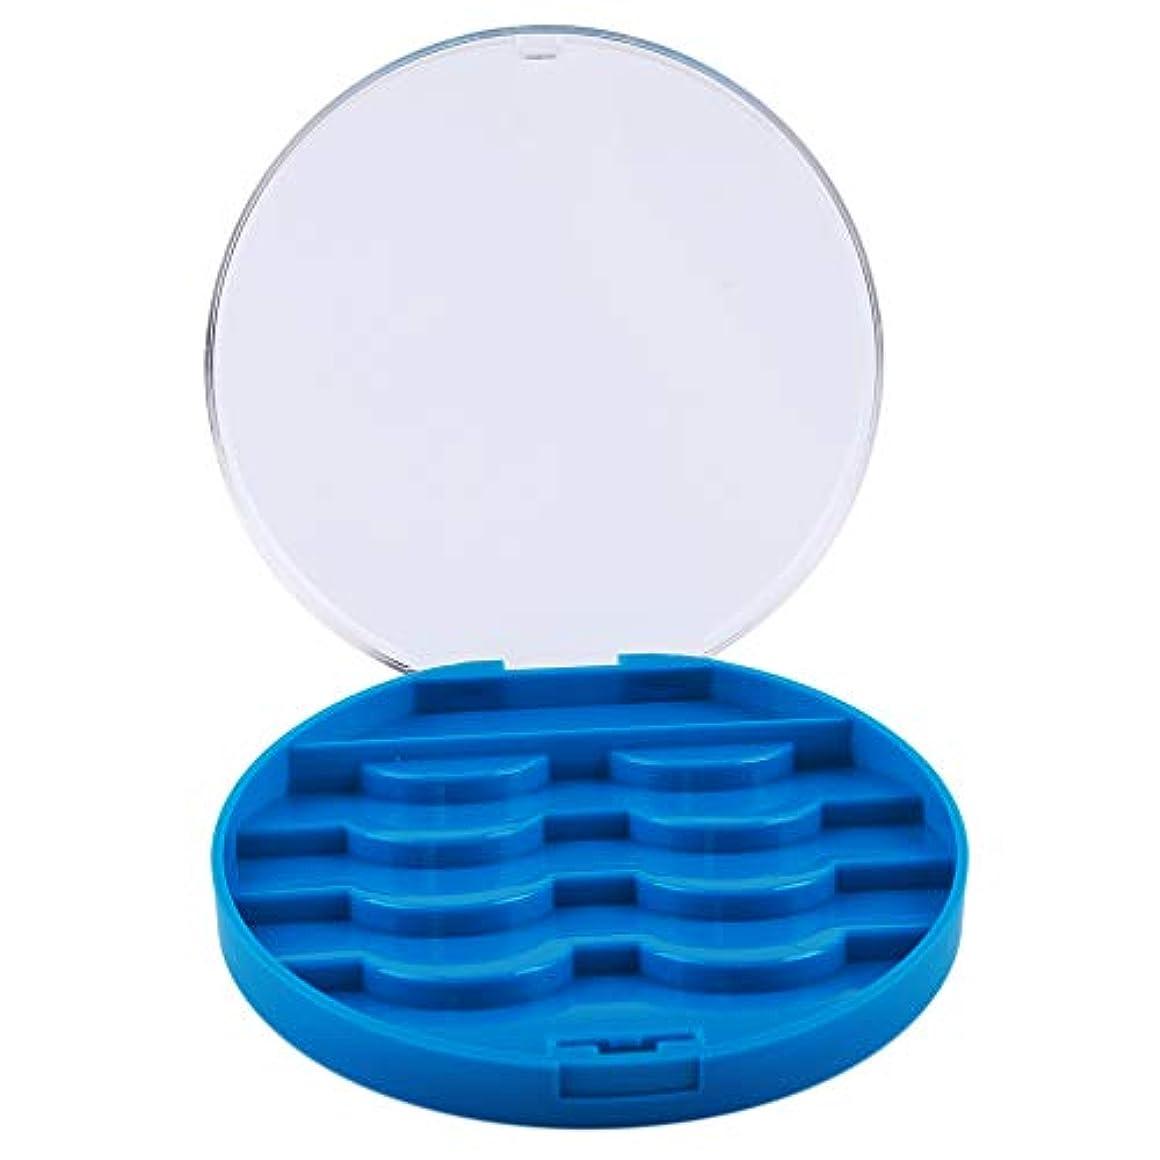 横向き実行可能バッテリーJIOLK まつげケース 付けまつげ まつげ 収納ボックス 小物収納ケース 便利 メイクアップ 可愛 コンテナ ラッシュ ホルダー